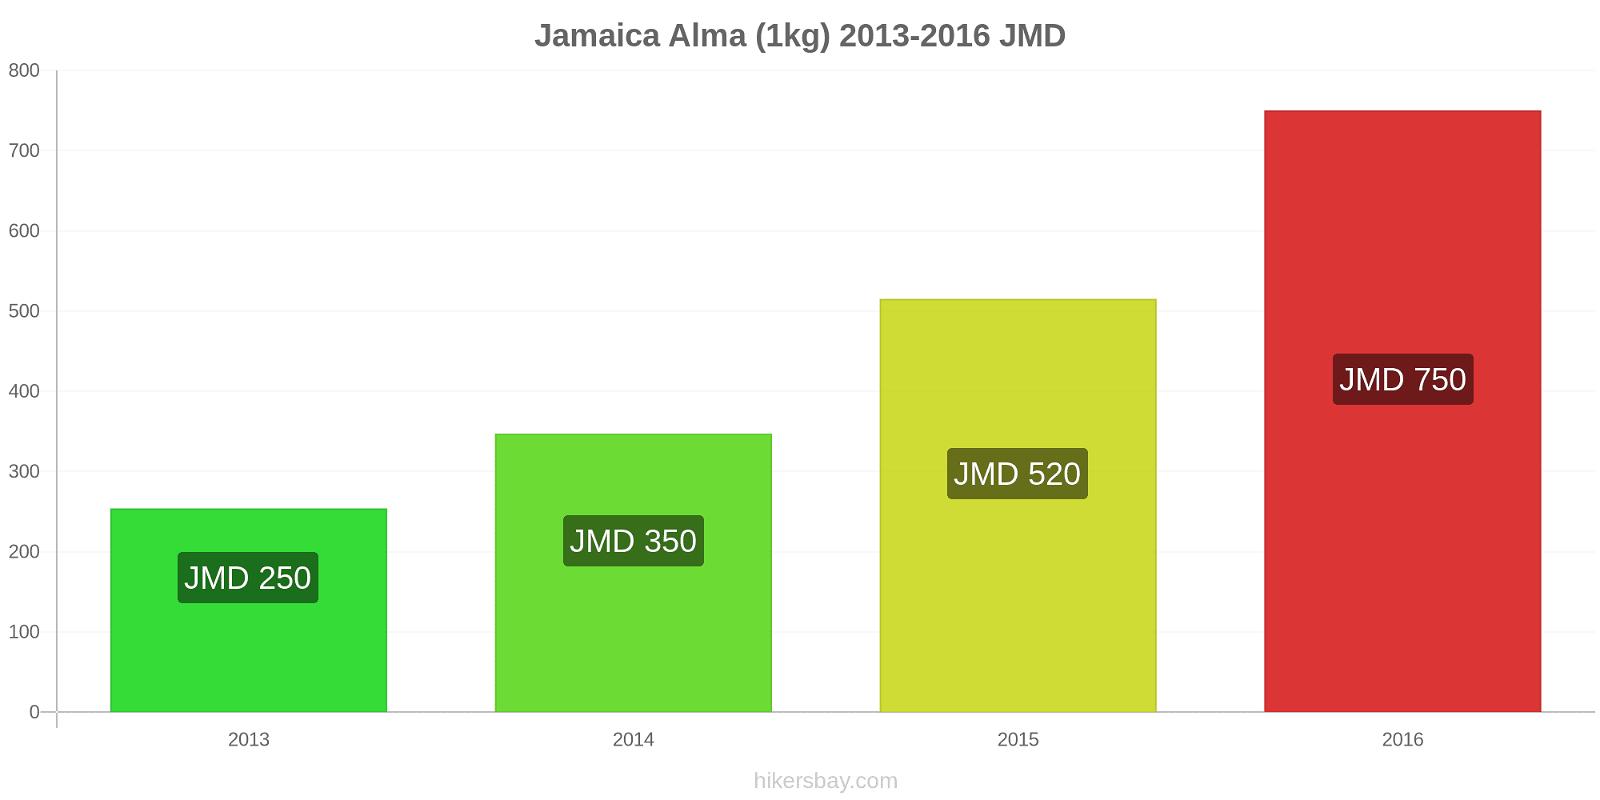 Jamaica árváltozások Alma (1kg) hikersbay.com